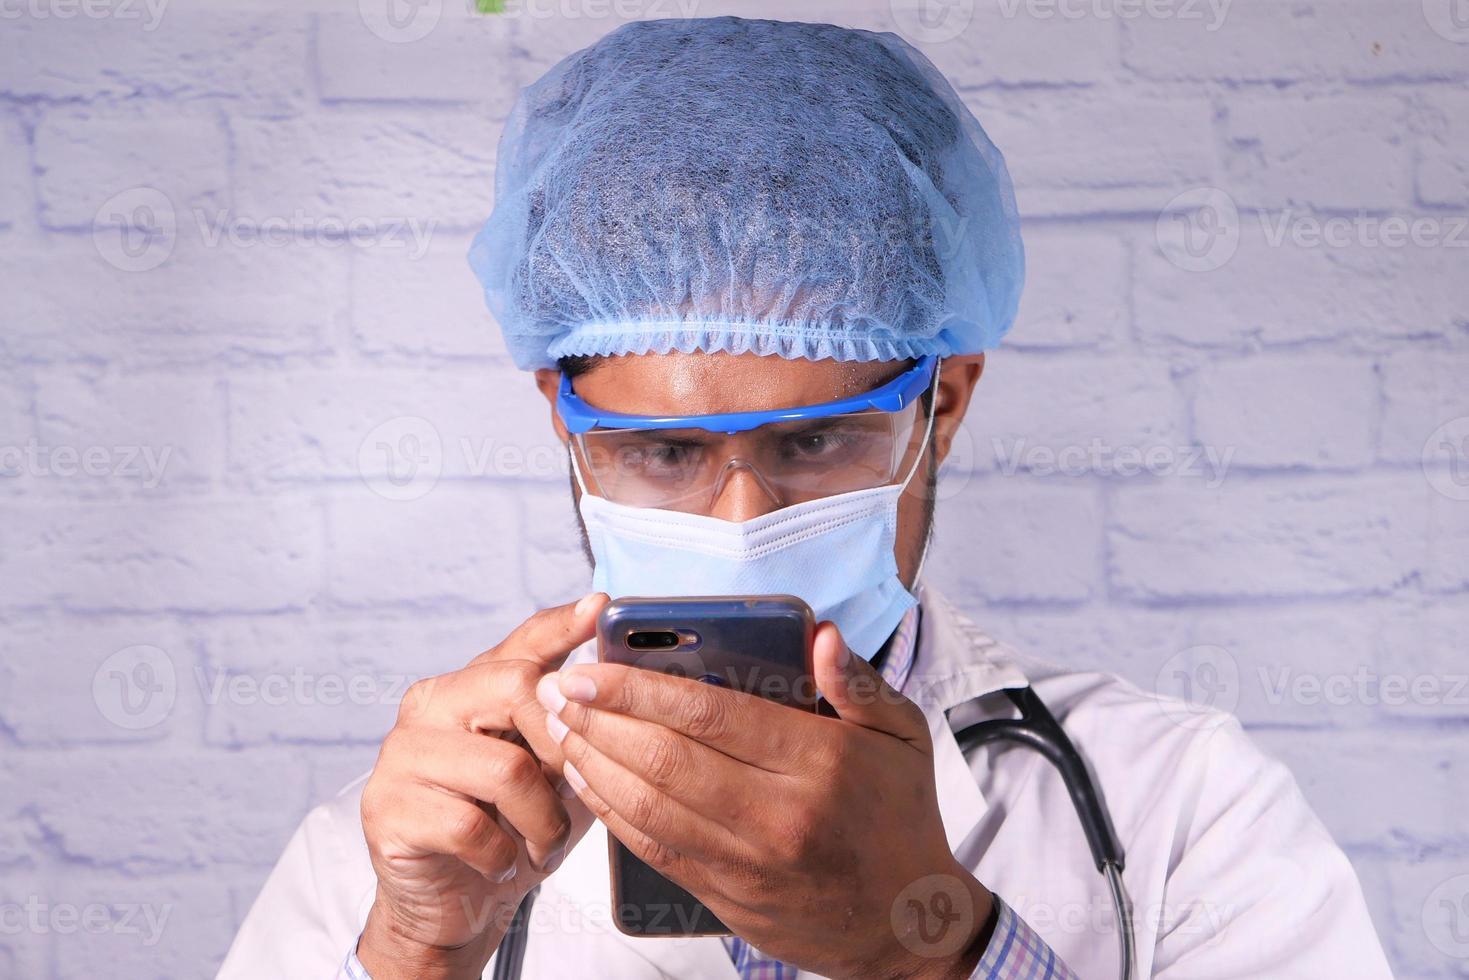 läkare i skyddsmask med smartphone på sjukhuset foto